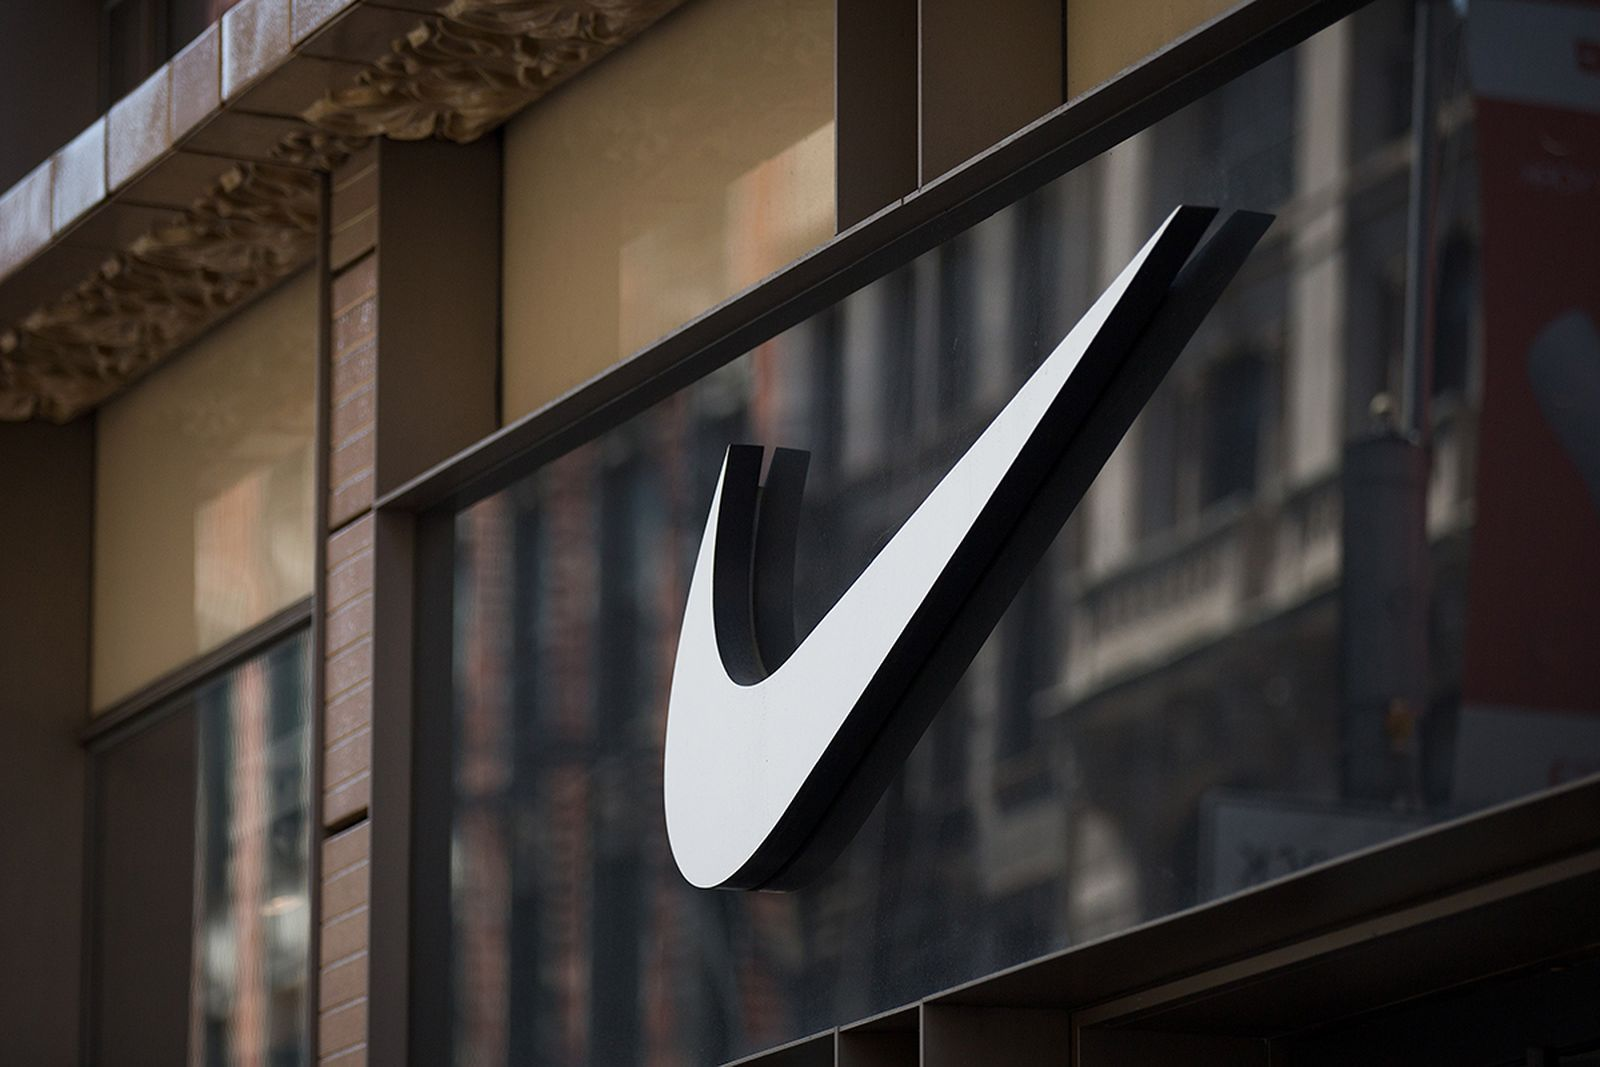 Nike Swoosh sign